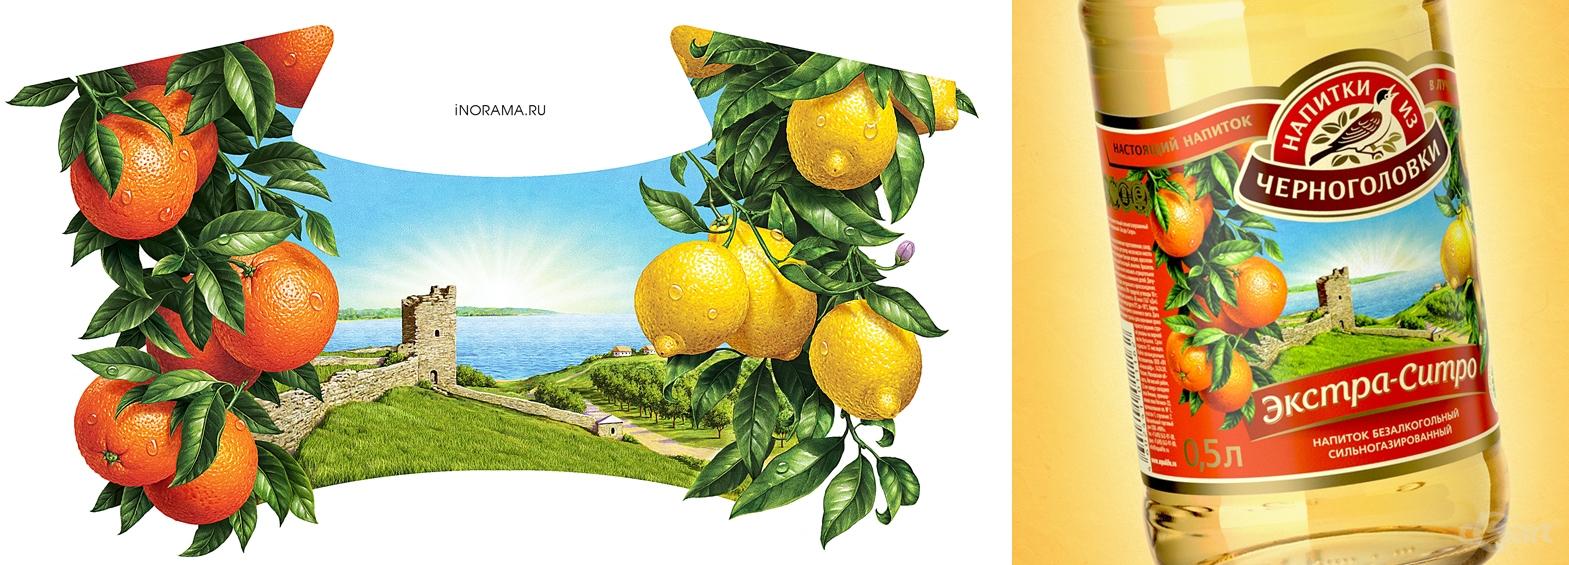 屡获奖项的iNORAMA工作室带来的食品类插图包装案例